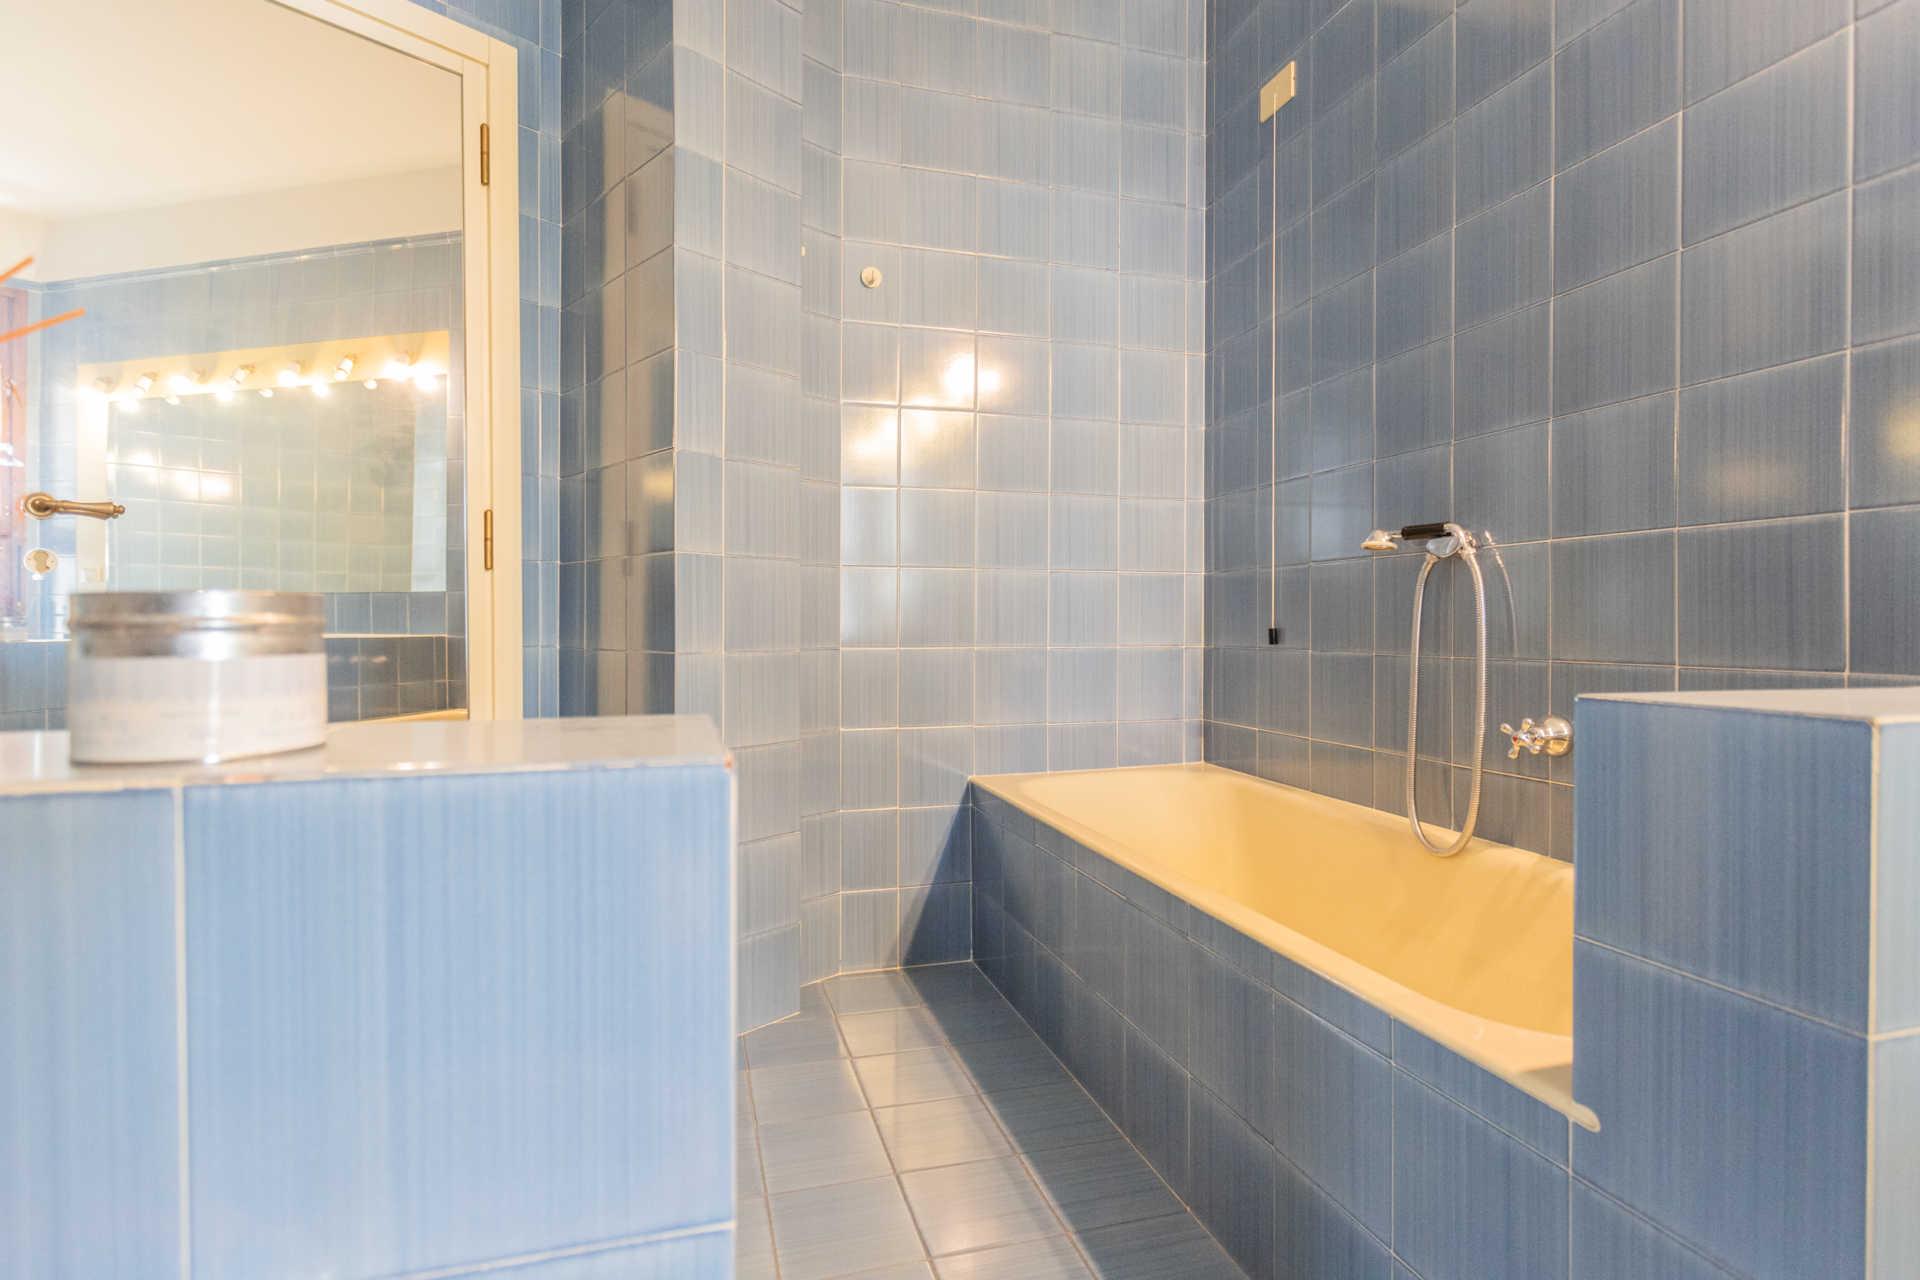 Villa-singola-Carate-Brianza-in-vendita (39)